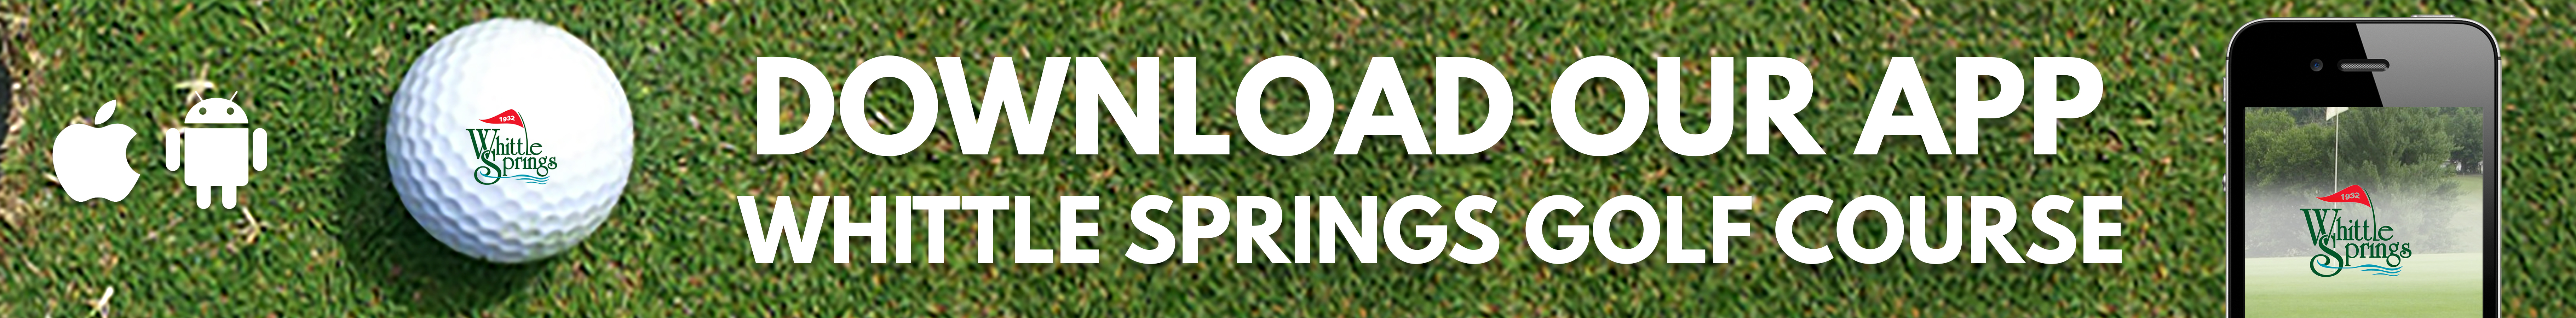 Whittle Springs Golf App